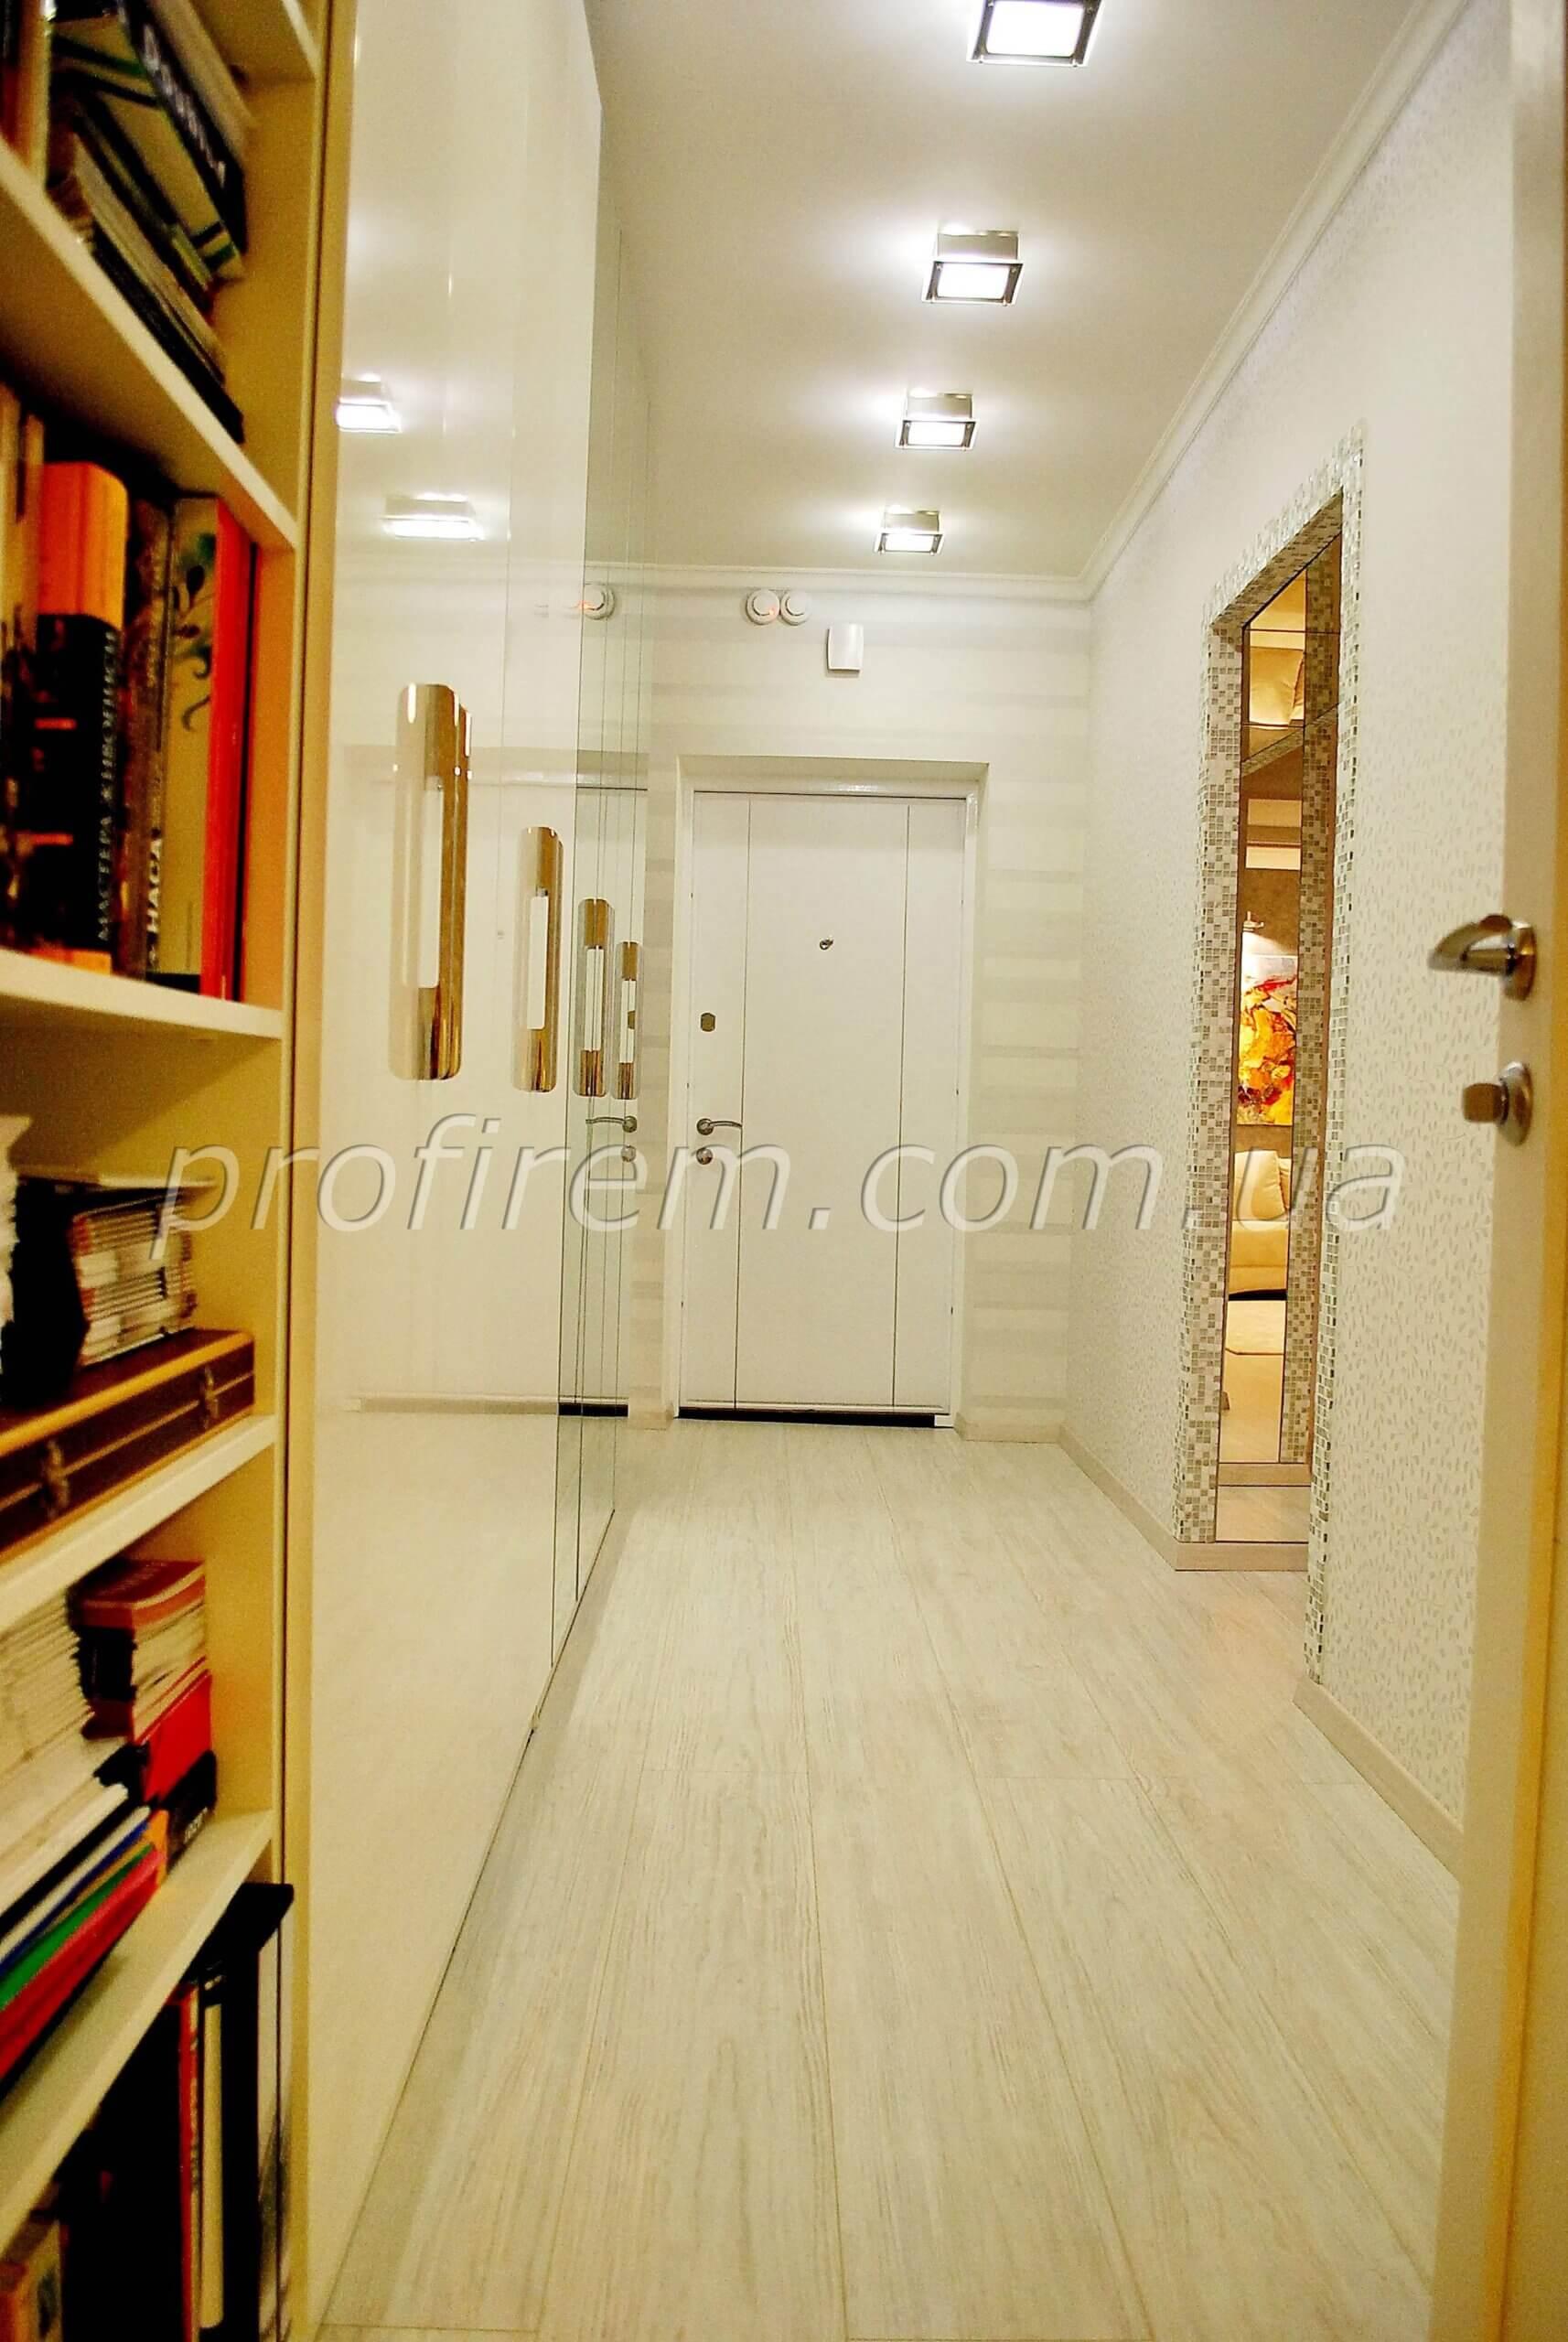 Фото коридора в квартире в Киеве